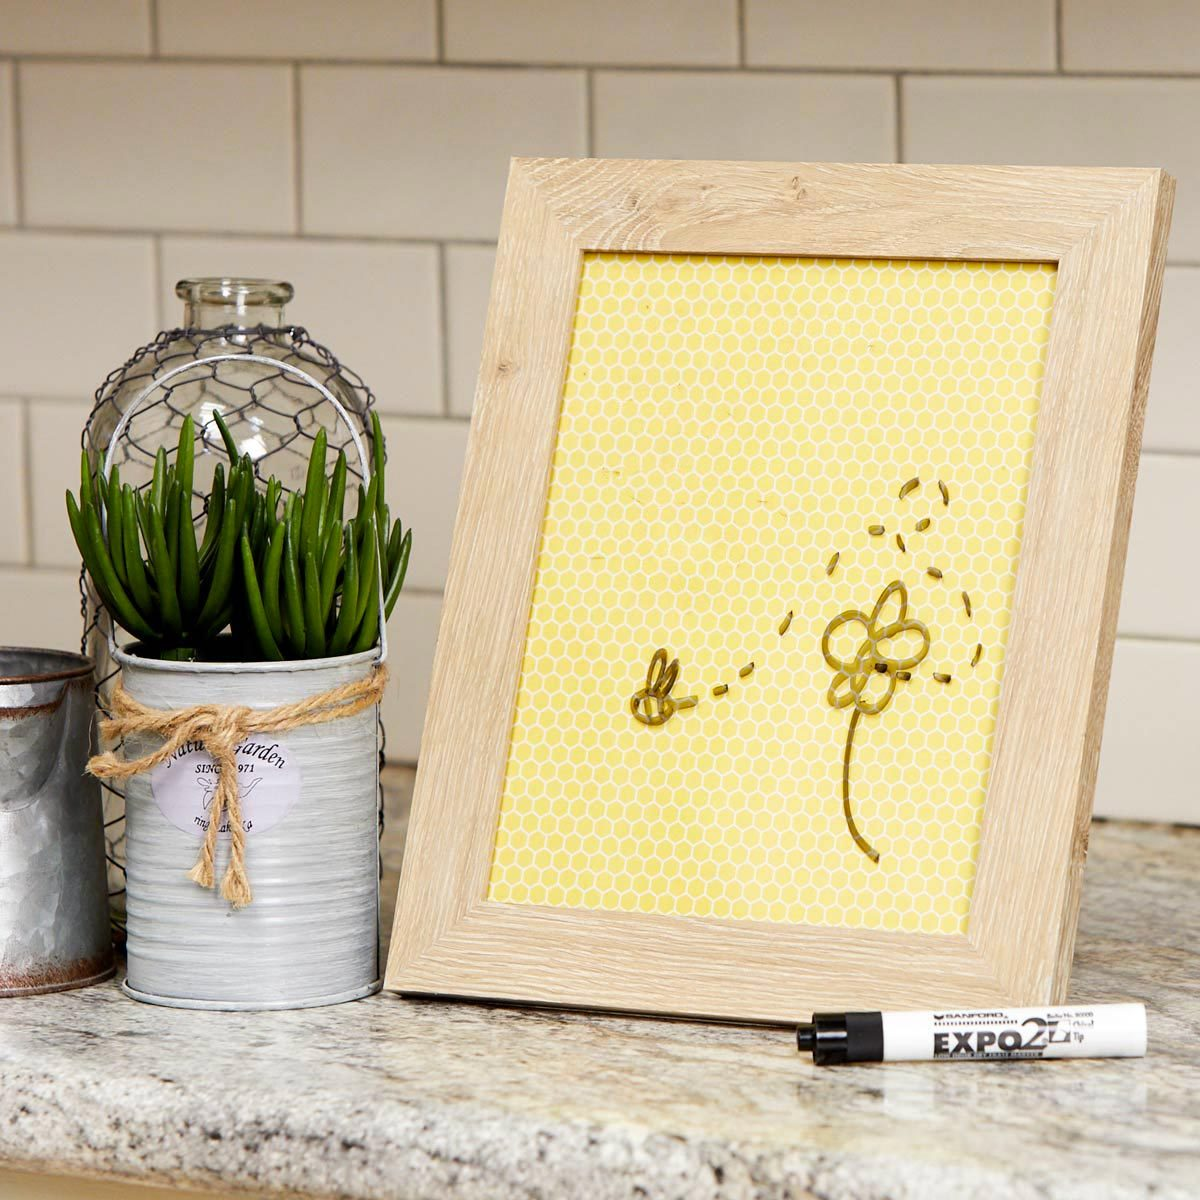 Organiser sa maison : un cadre pour un tableau à messages.